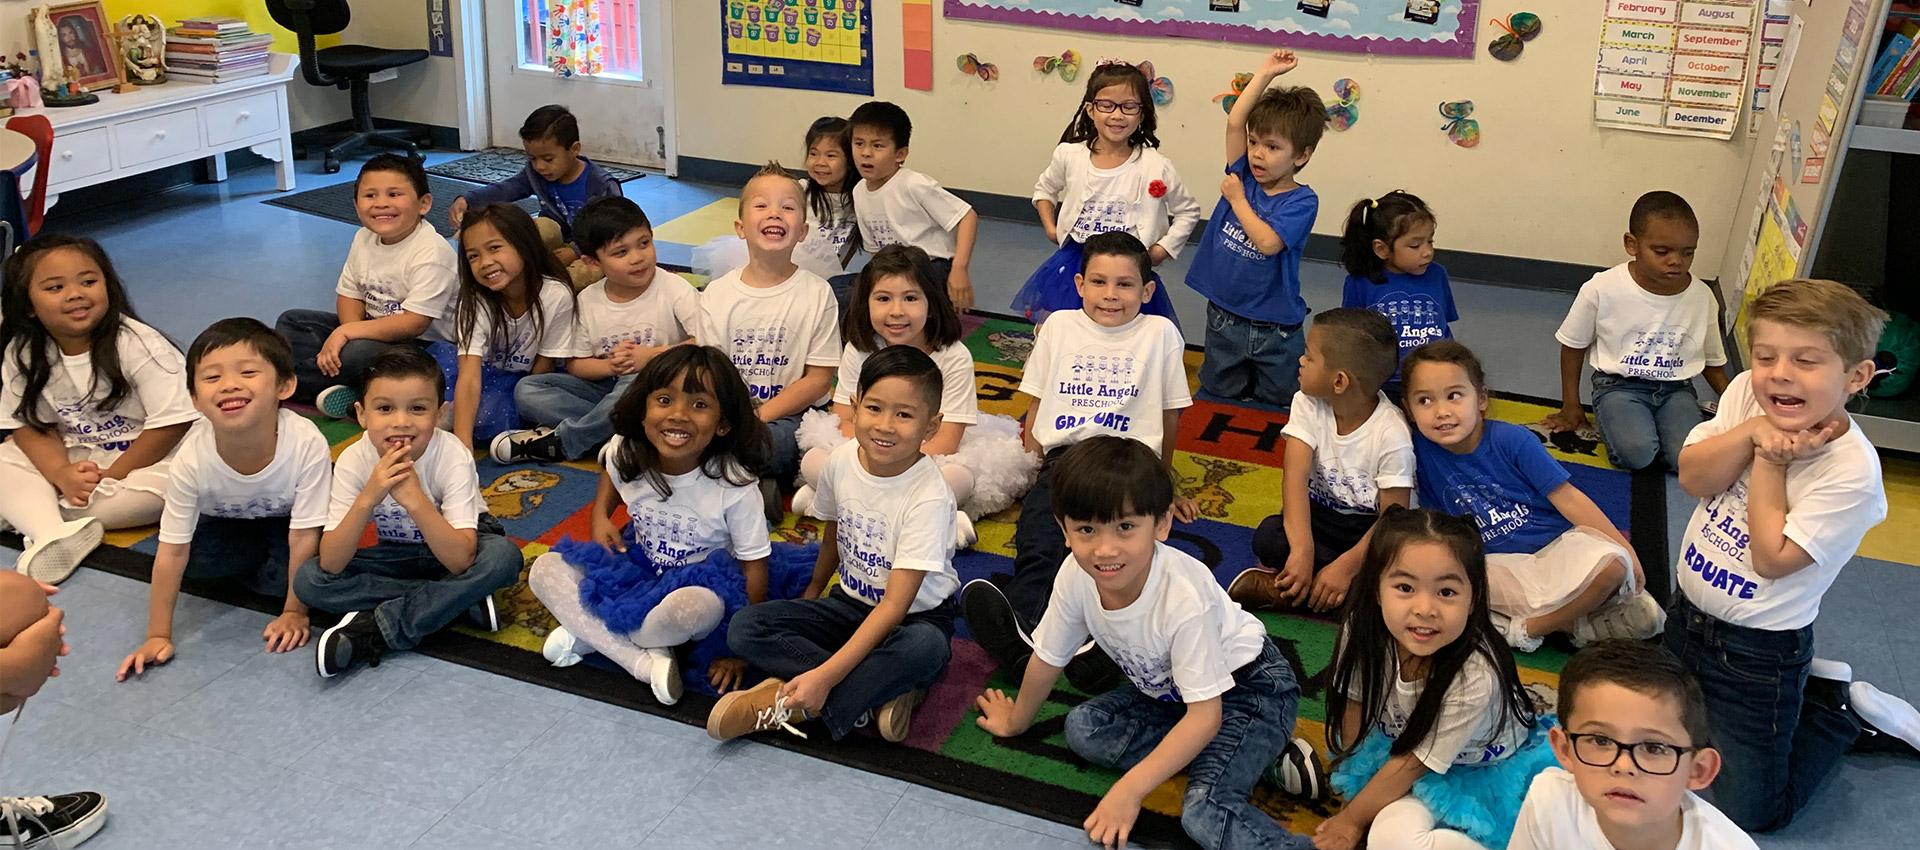 Preschool students in class ready to learn